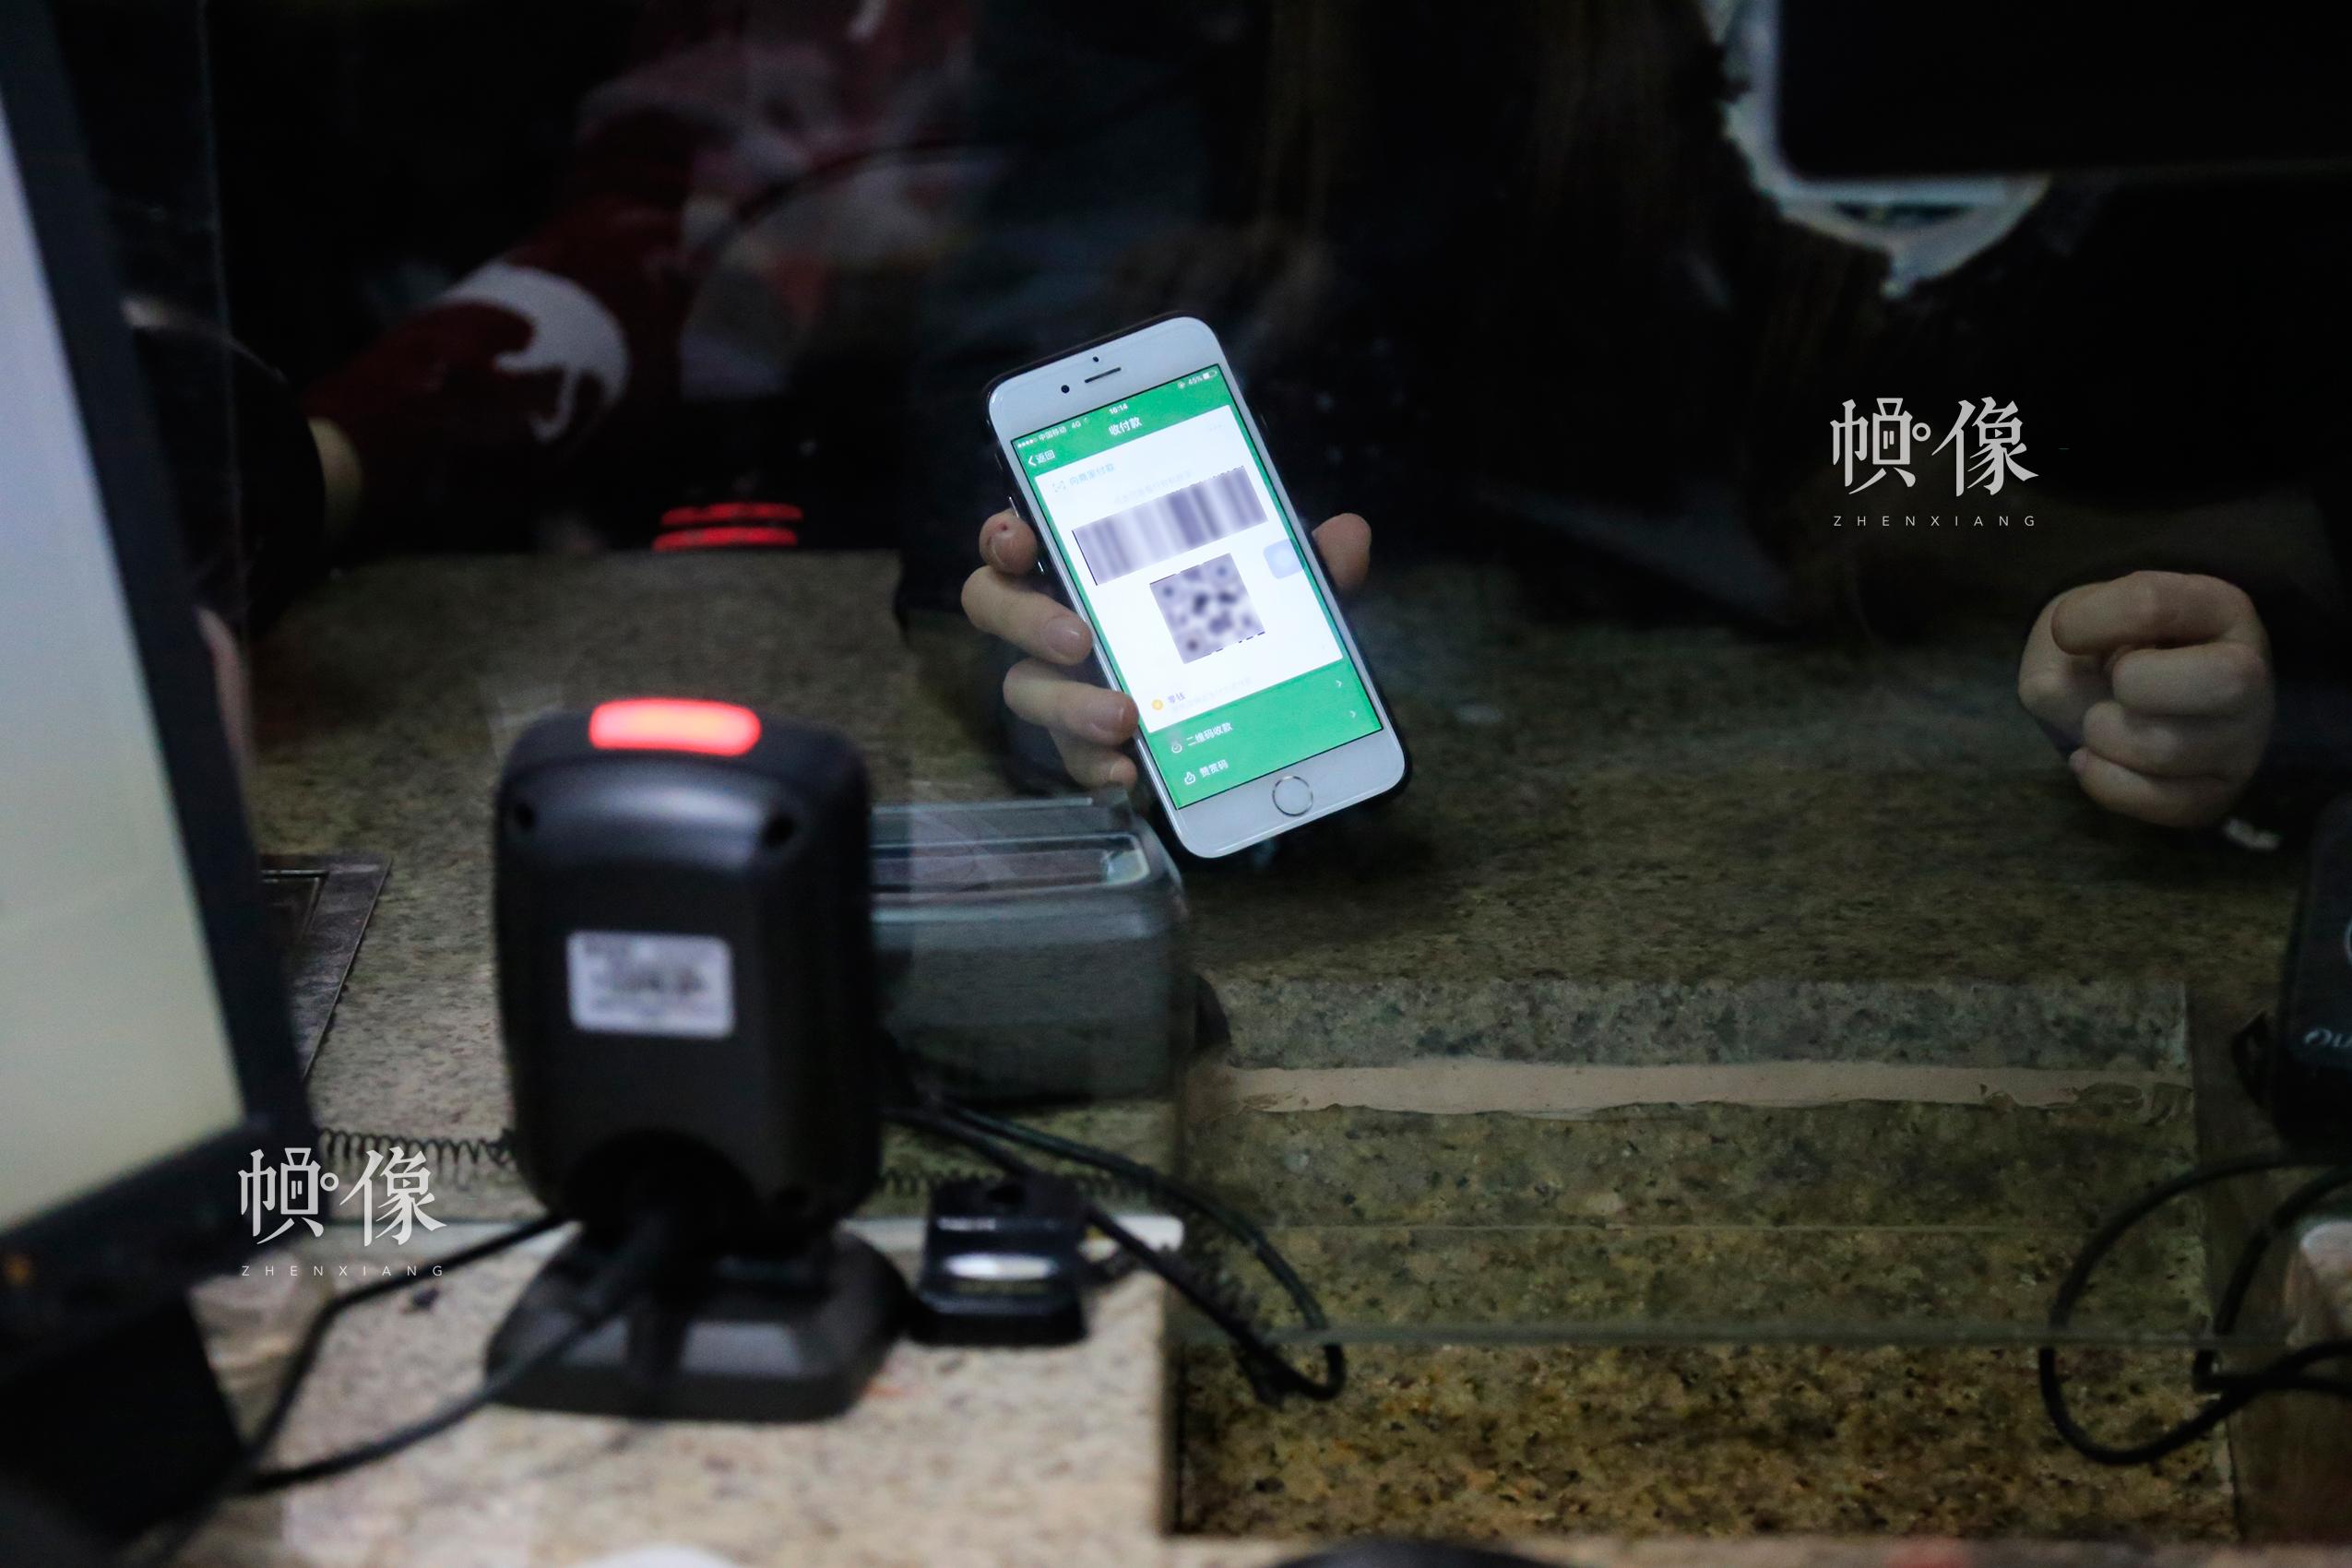 北京南站某一售票窗口处,一位乘客使用微信二维码购票。中国网实习记者 韩依 摄